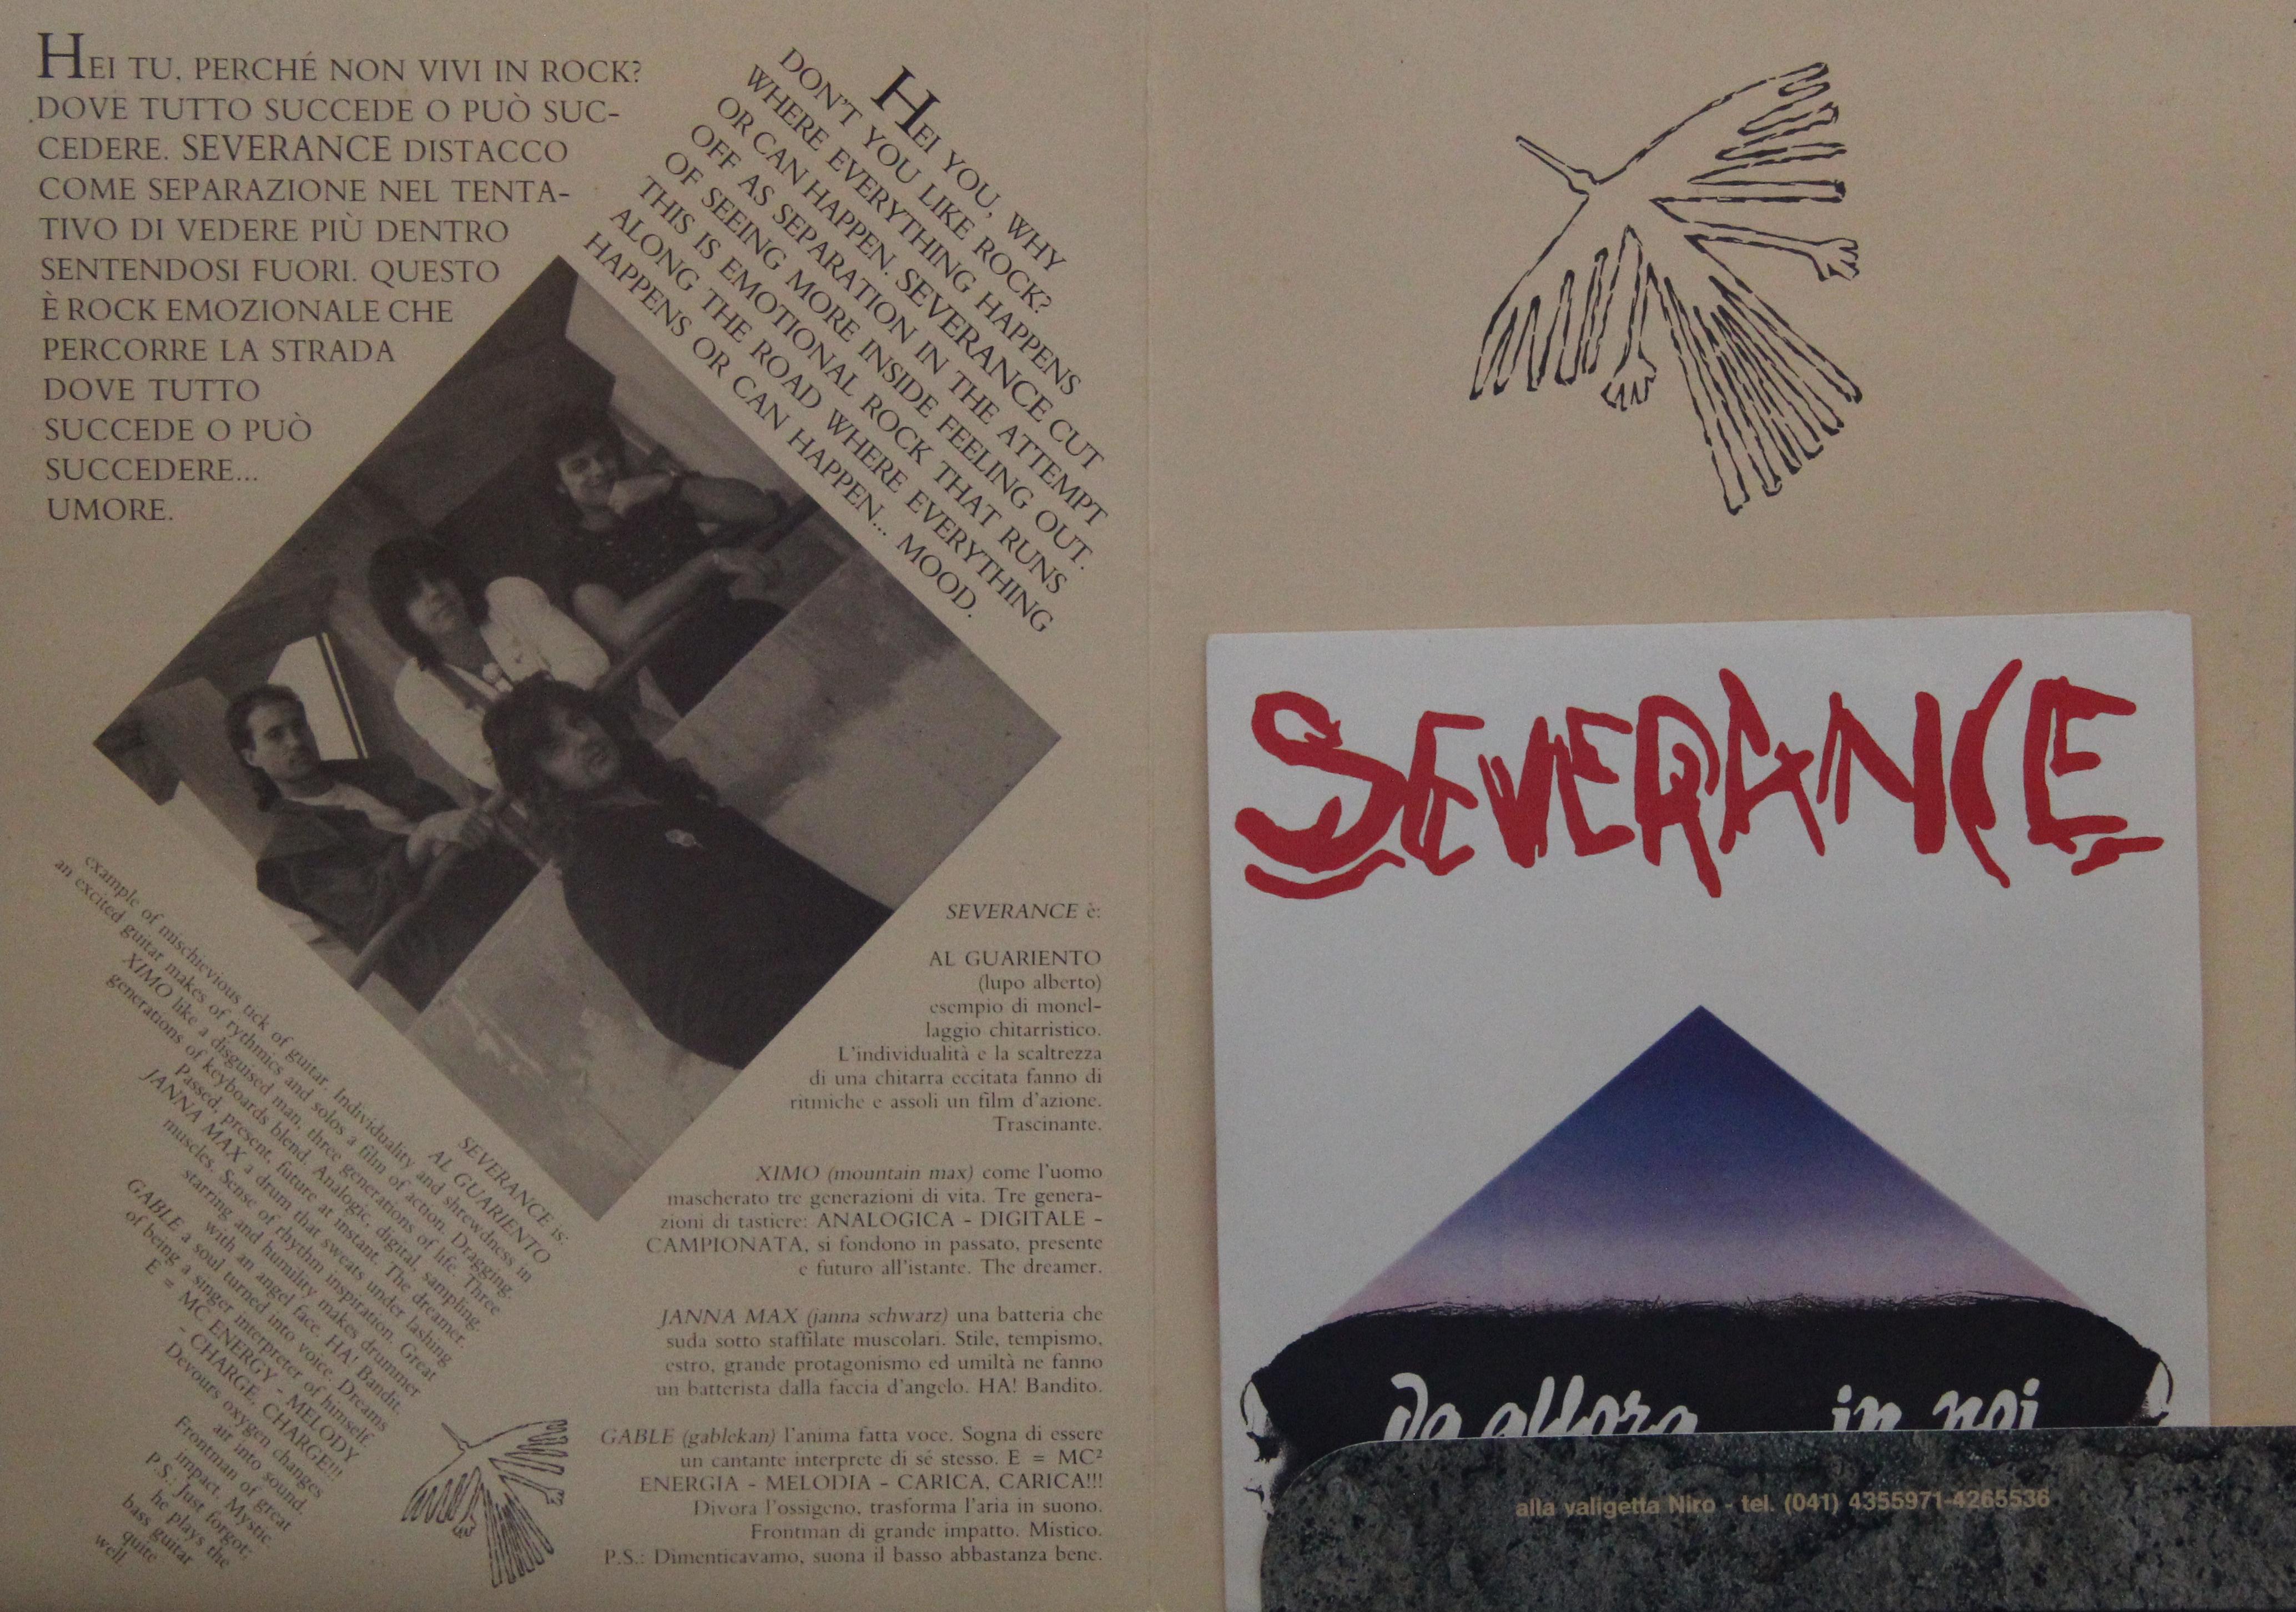 SEVERANCE – Da allora…in poi